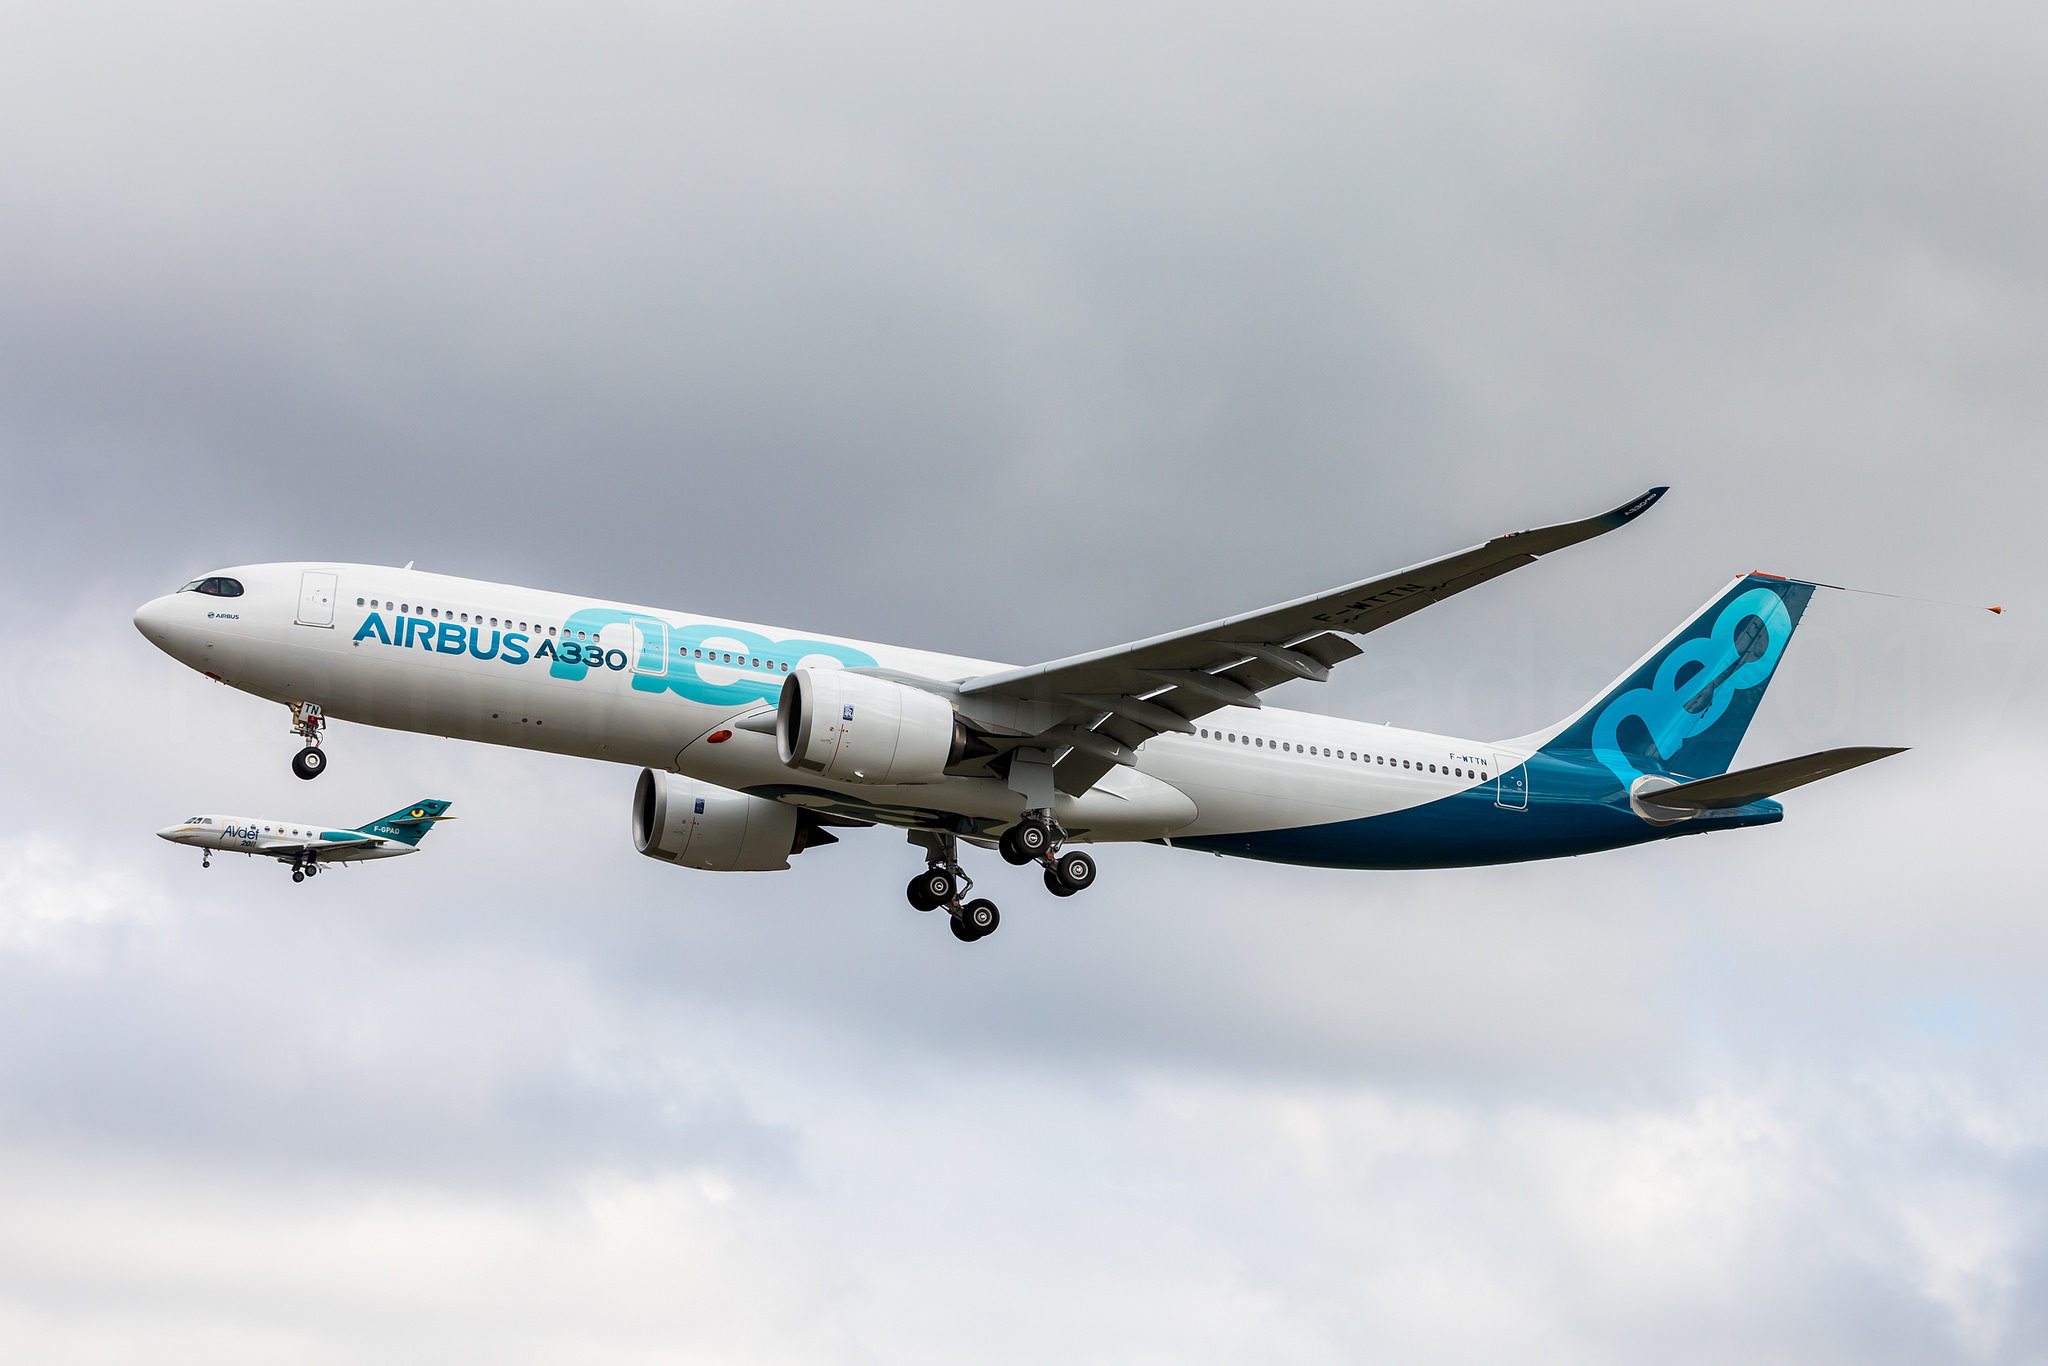 Retour du 1er vol et 1er atterrissage pour l'Airbus A330-900